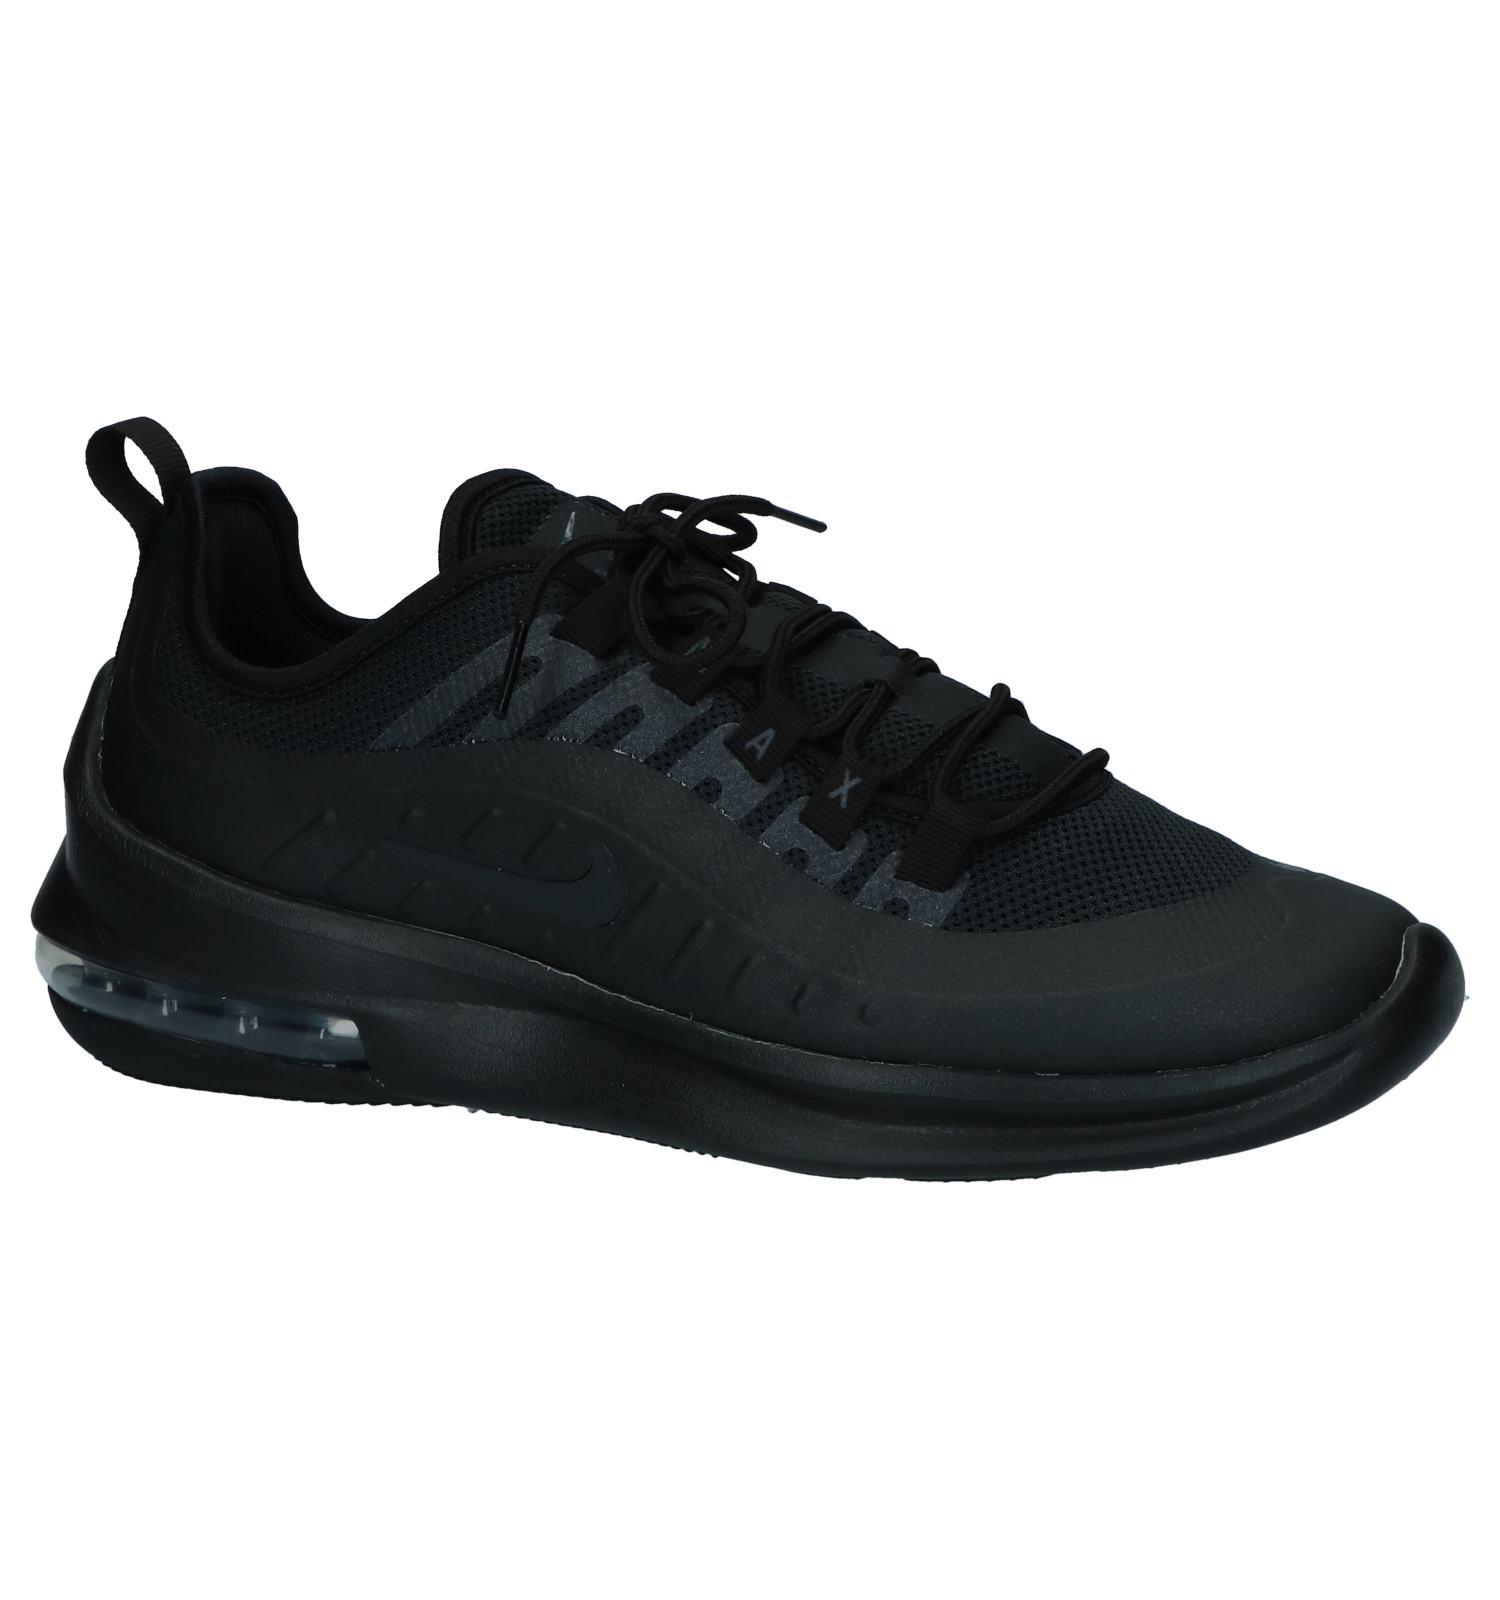 Nike Air Max Axis Zwarte Sneakers | SCHOENENTORFS.NL | Gratis verzend en retour